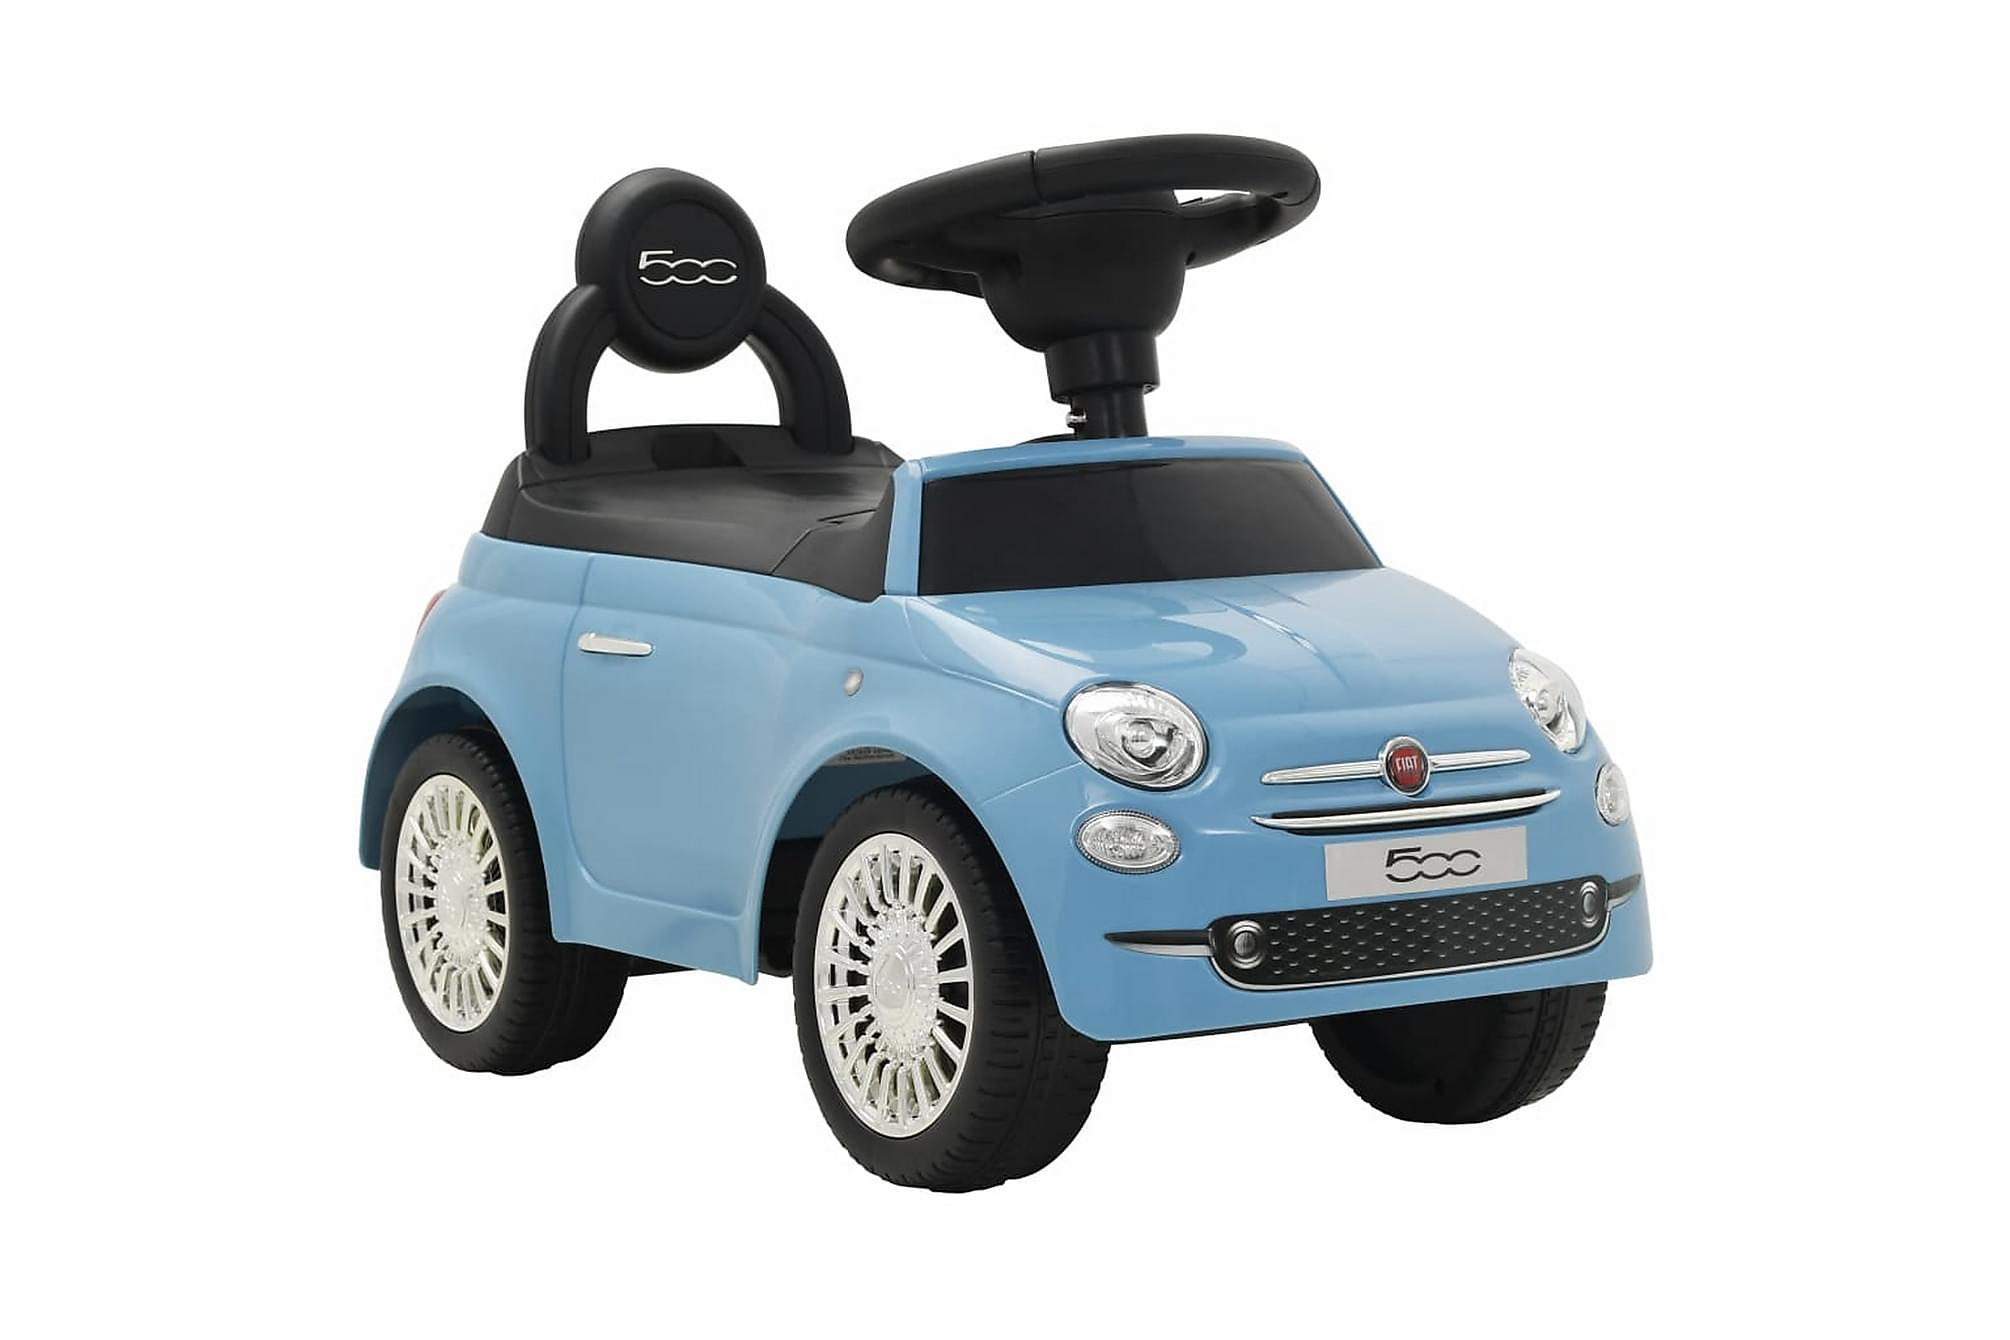 Åkbil Fiat 500 blå, Mattor